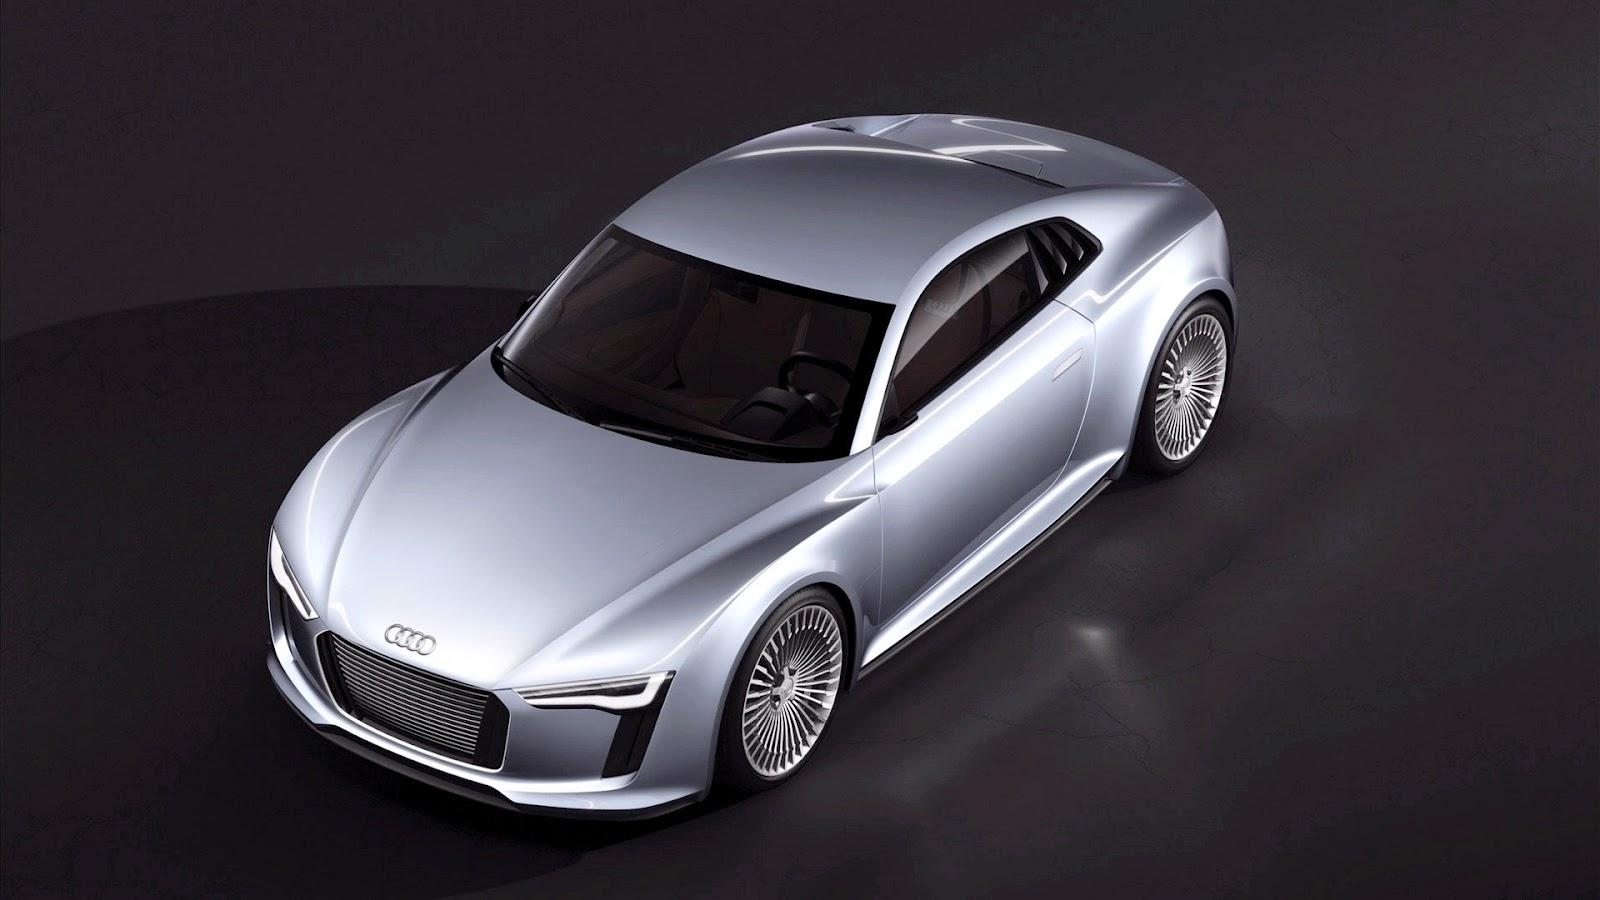 http://3.bp.blogspot.com/-c_mUu-E9xzw/T4Xq2DWsfLI/AAAAAAAAA-k/qryO8iv5E58/s1600/Car_Wallpapers_1920x1080_Full_HD_Blu_ray+%252831%2529.jpg